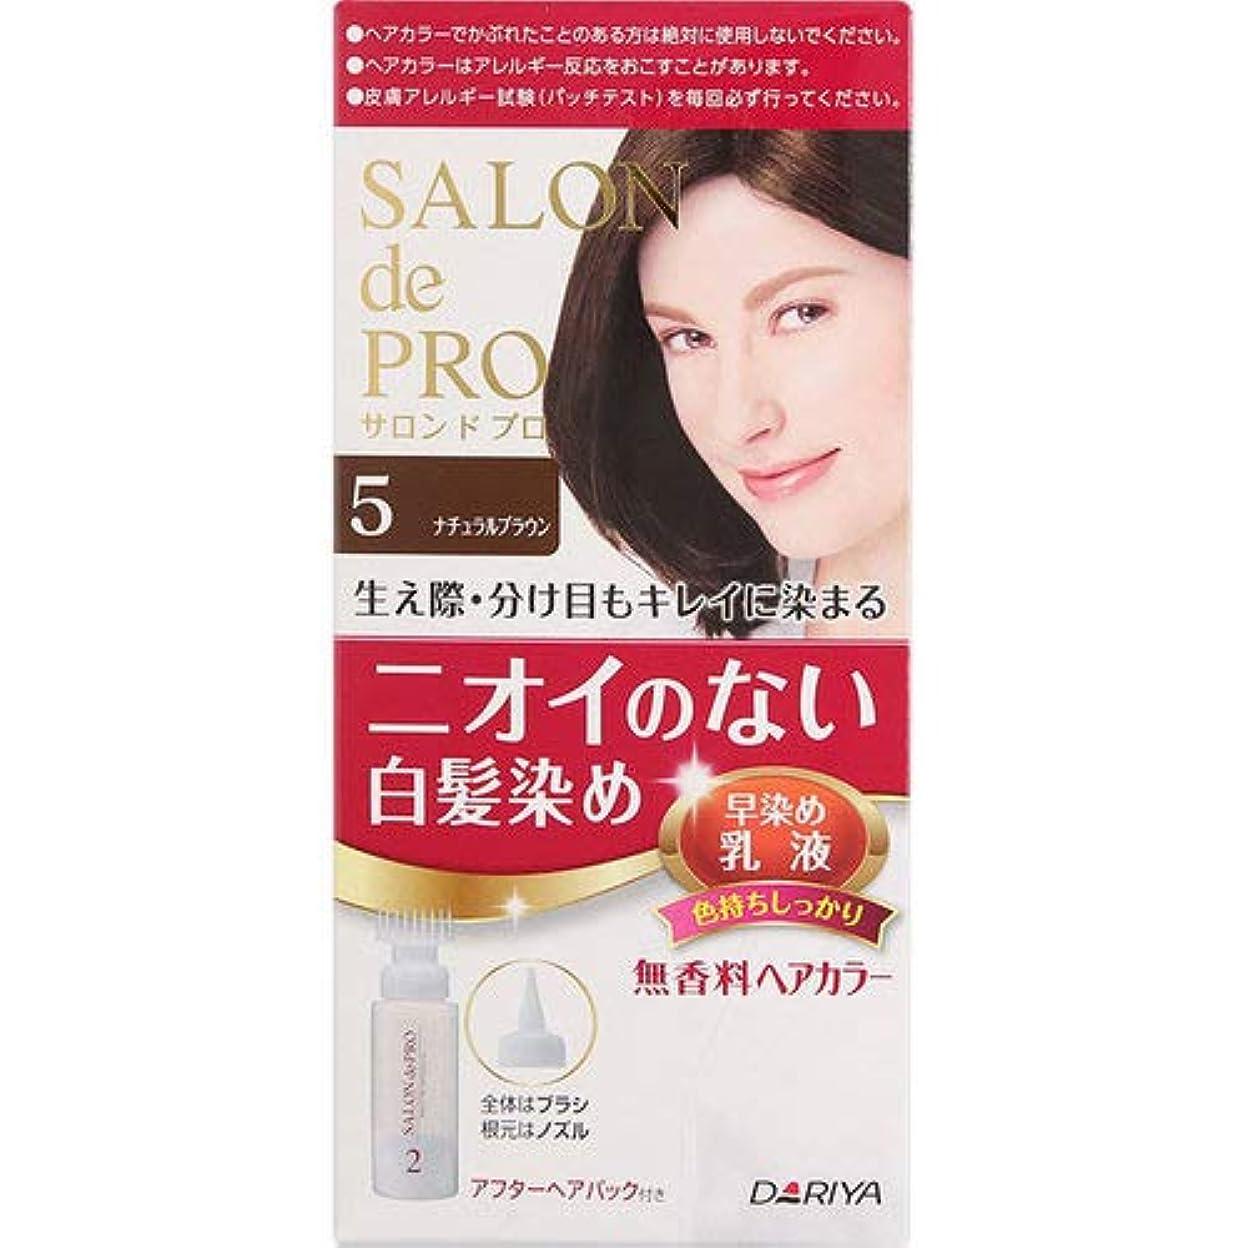 代わりに荒涼とした吸収剤サロンドプロ無香料ヘアカラー早染め乳液5(ナチュラルブラウン)